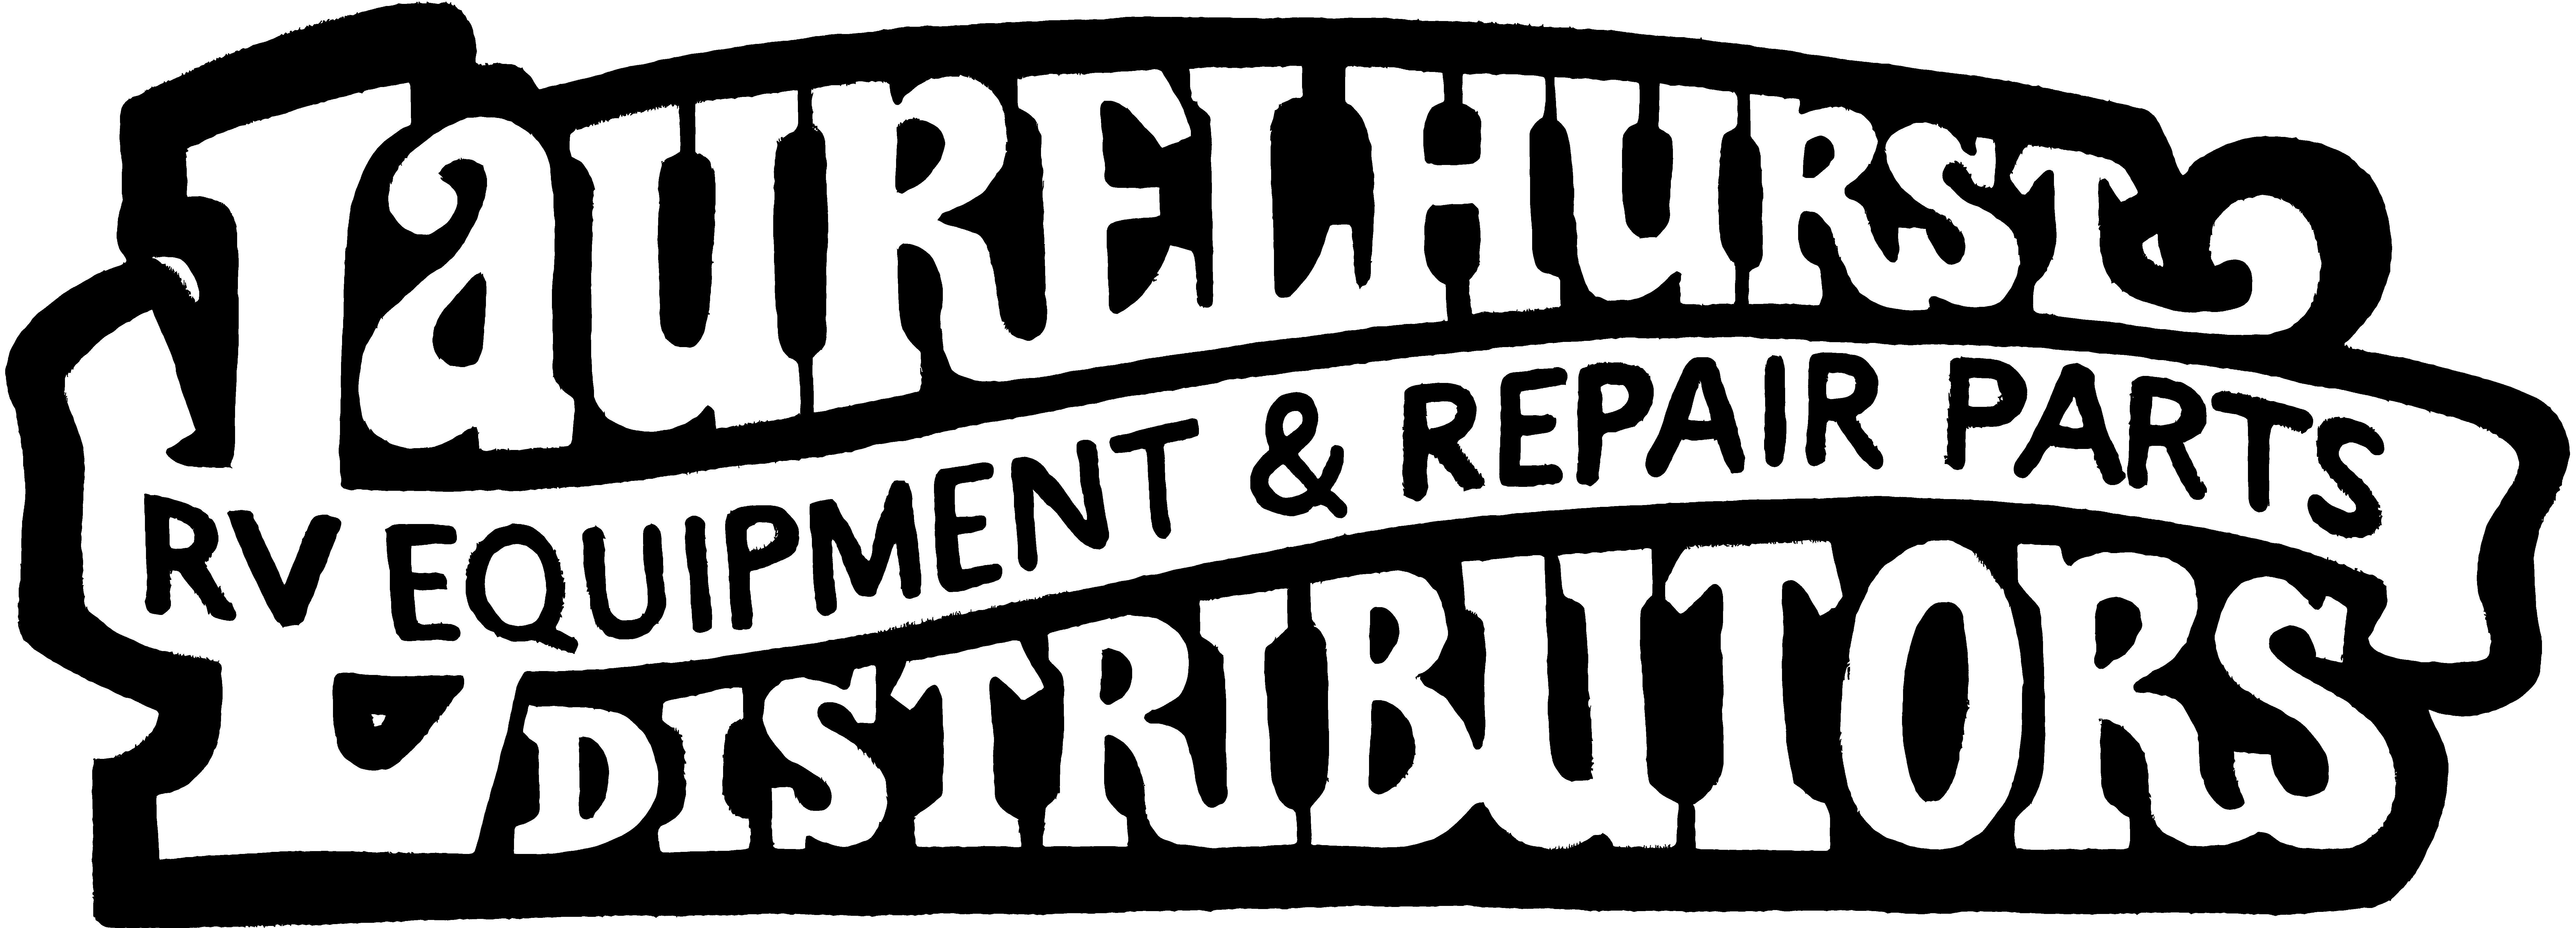 Laurelhurst Distributors